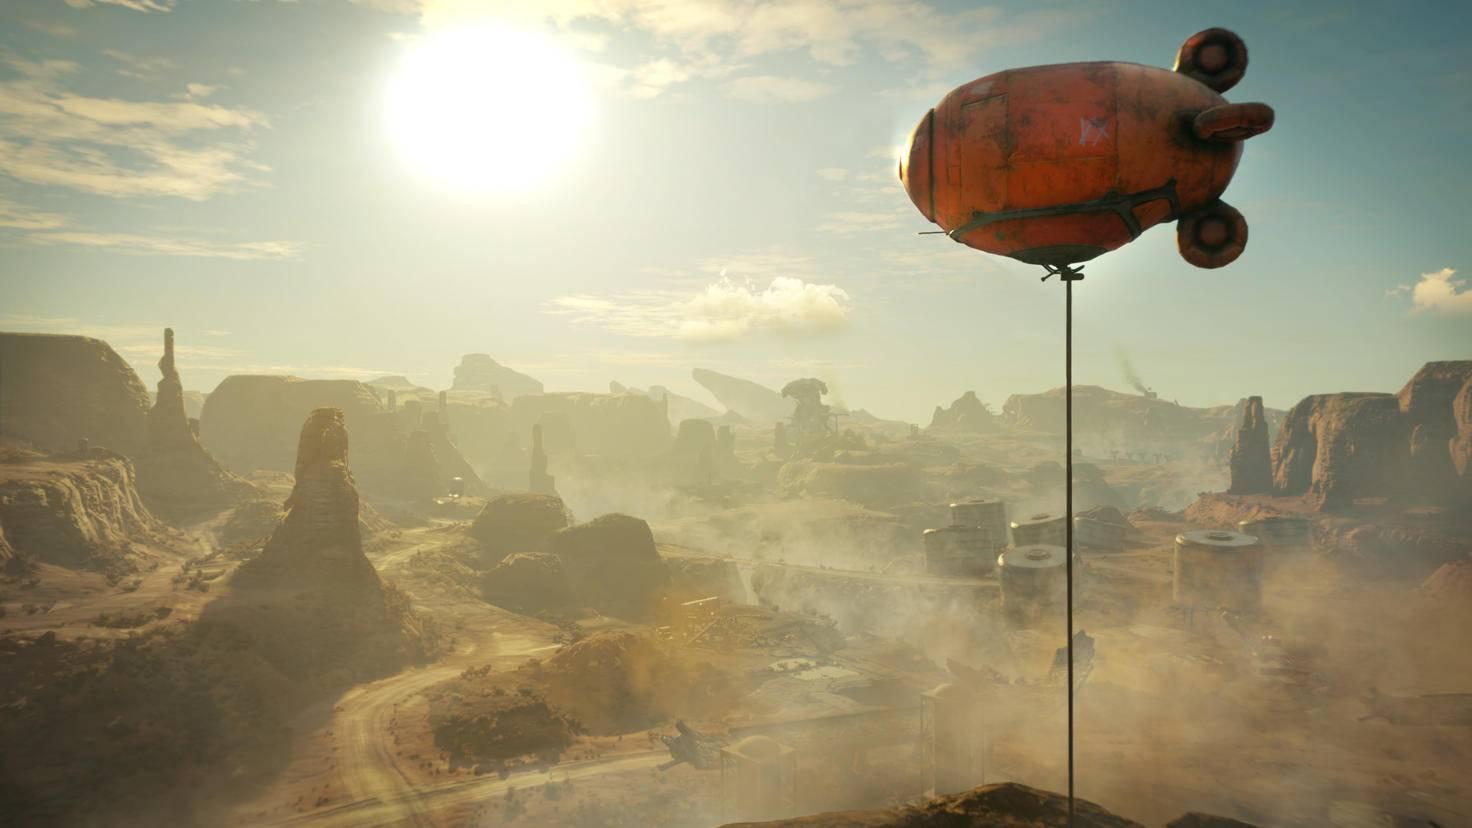 """Ich freue mich auf wilde Feuergefechte in """"Rage 2"""" – aber eigentlich würde ich die Spielwelt auch gern ungestört erkunden können."""